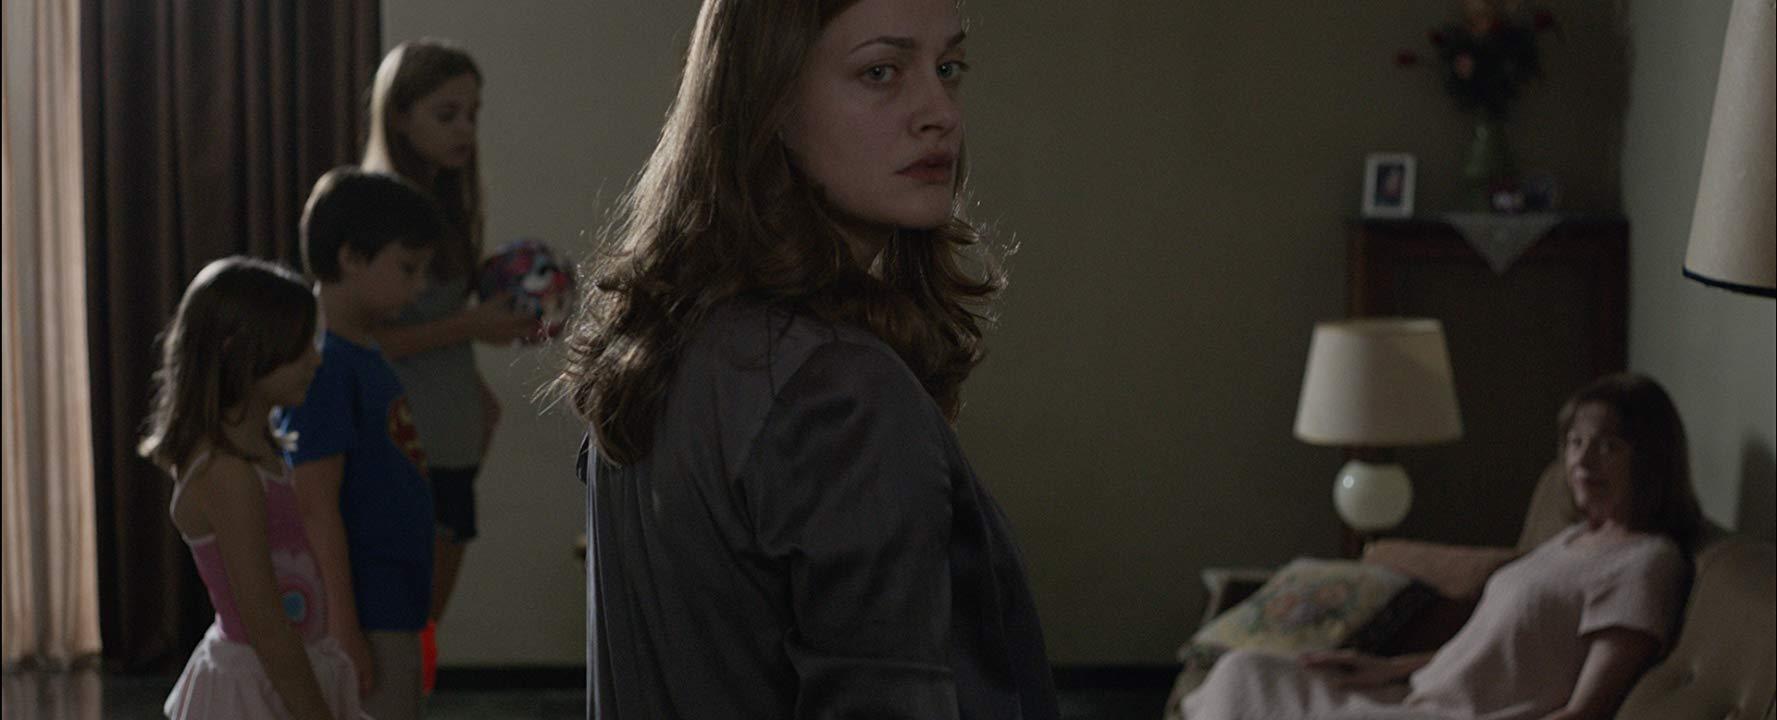 فيلم Miss Violence 2013 مترجم (للكبار فقط)